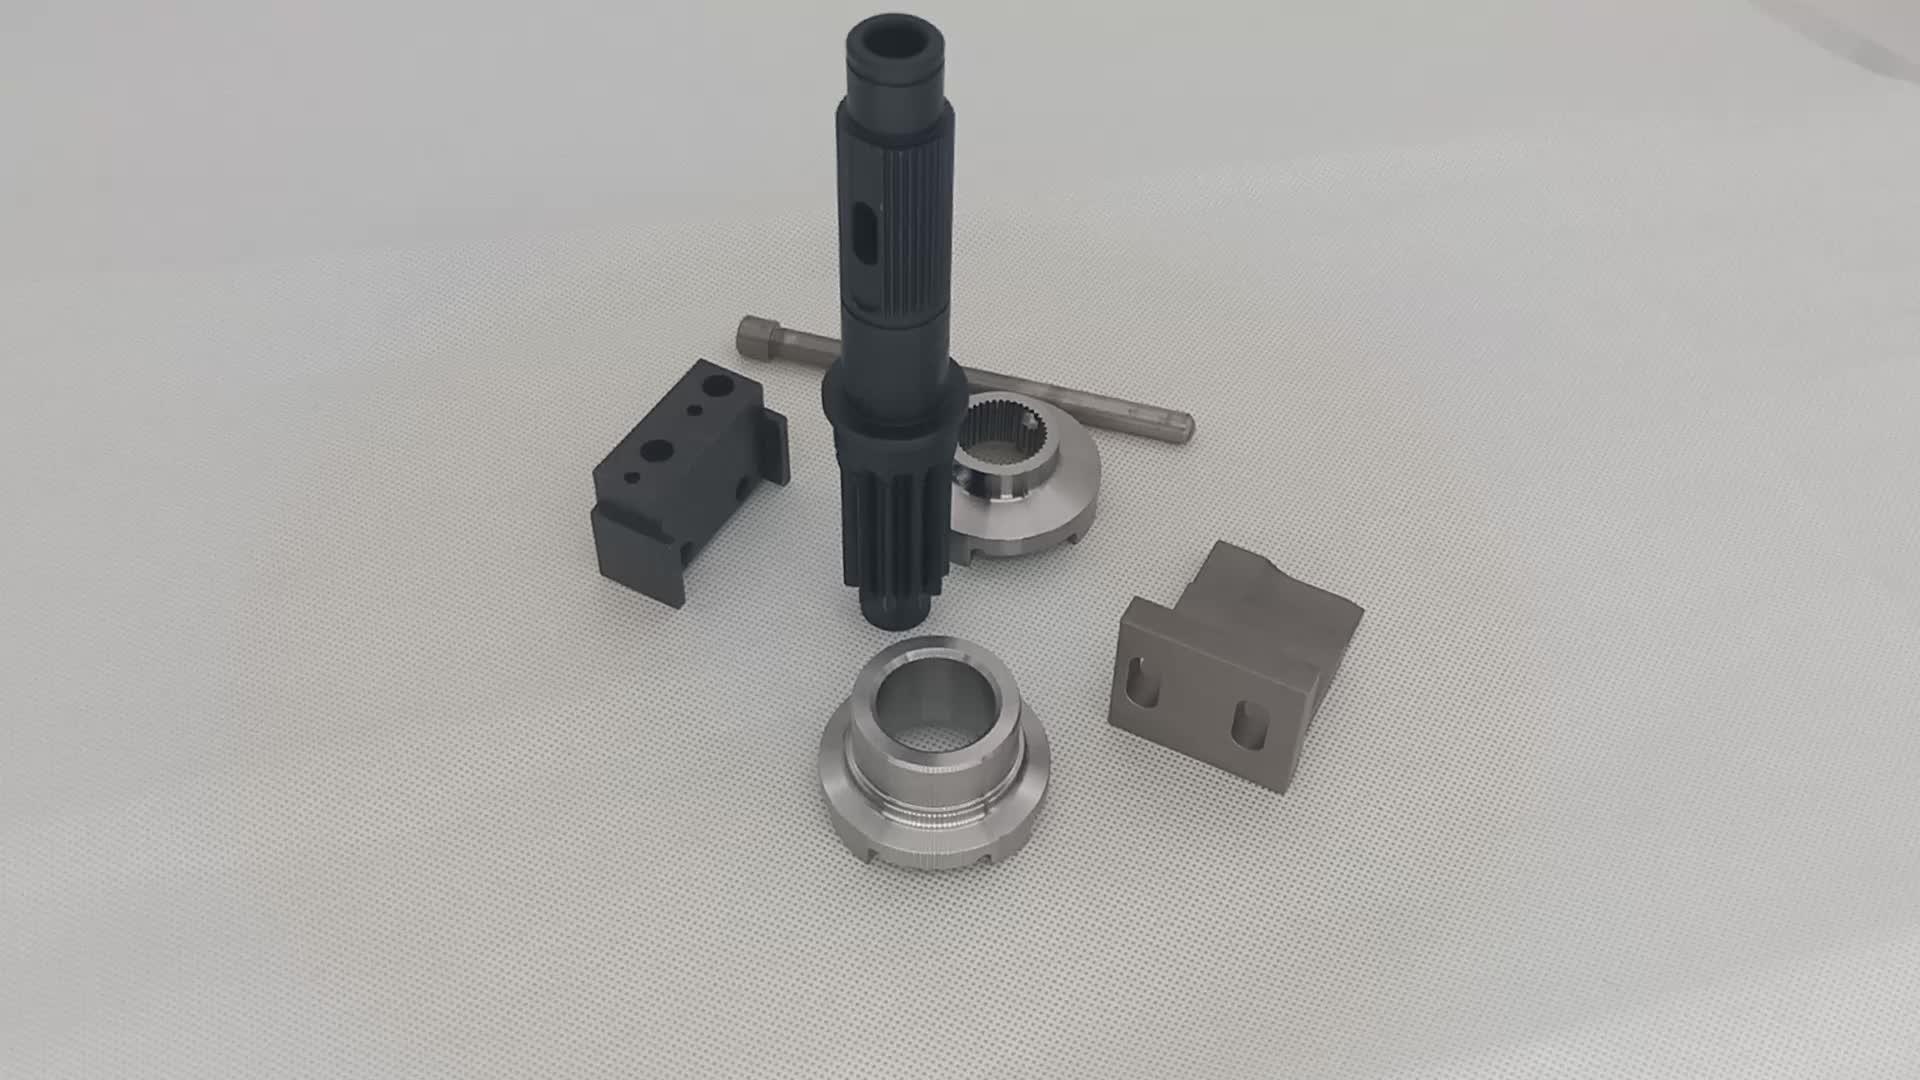 中国製カスタム大量生産ステンレス鋼 cnc 加工部品